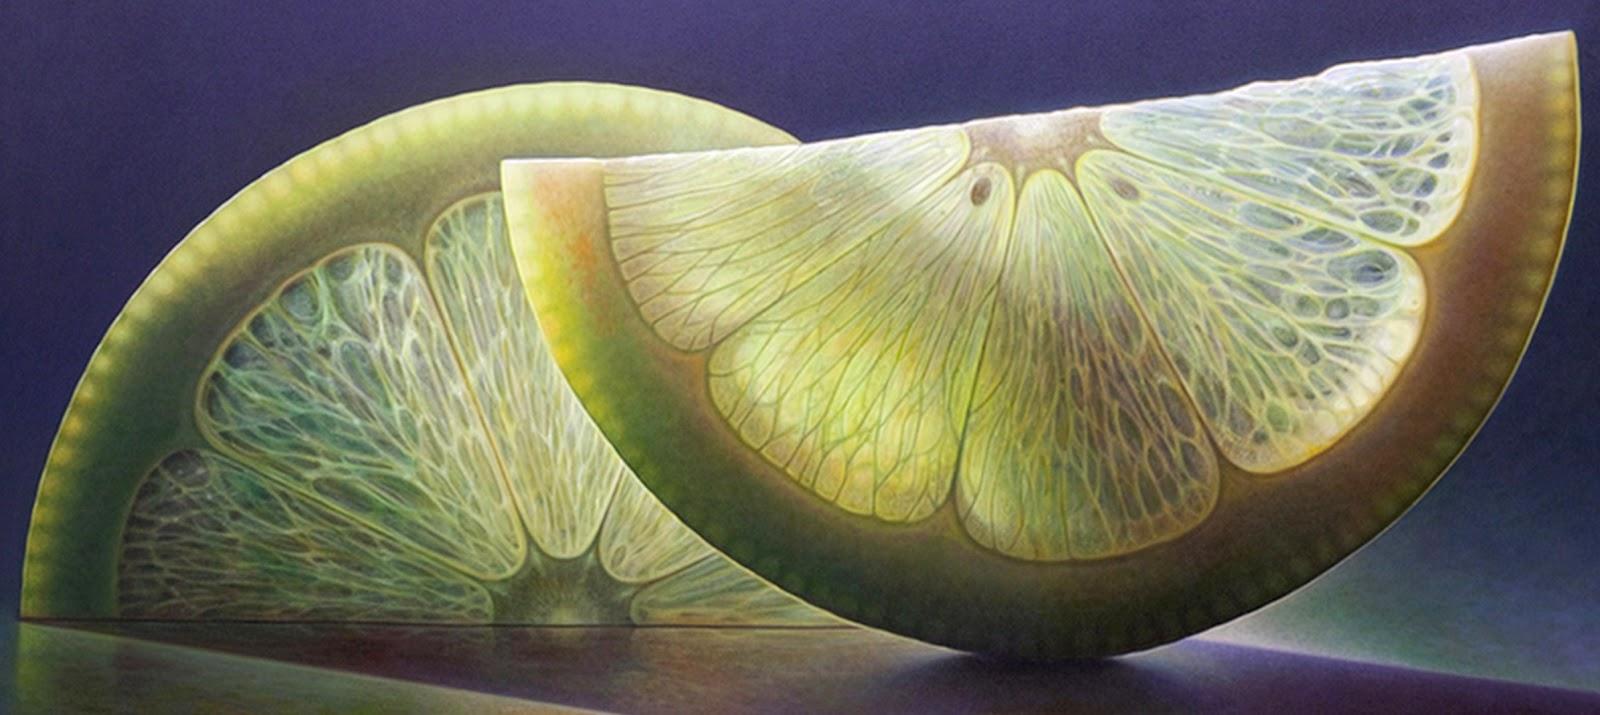 Im genes arte pinturas bodegones modernos para decorar el for Cuadros abstractos modernos para comedor